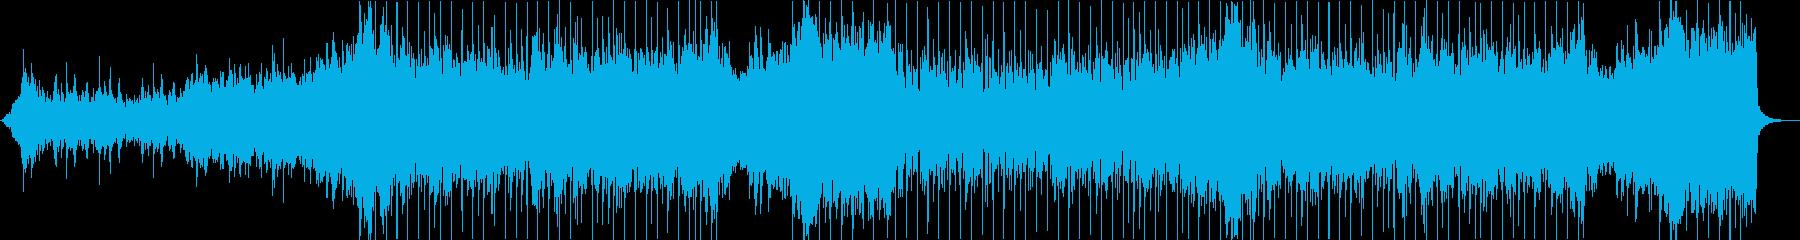 【箱庭】ファンタジーなボスの再生済みの波形